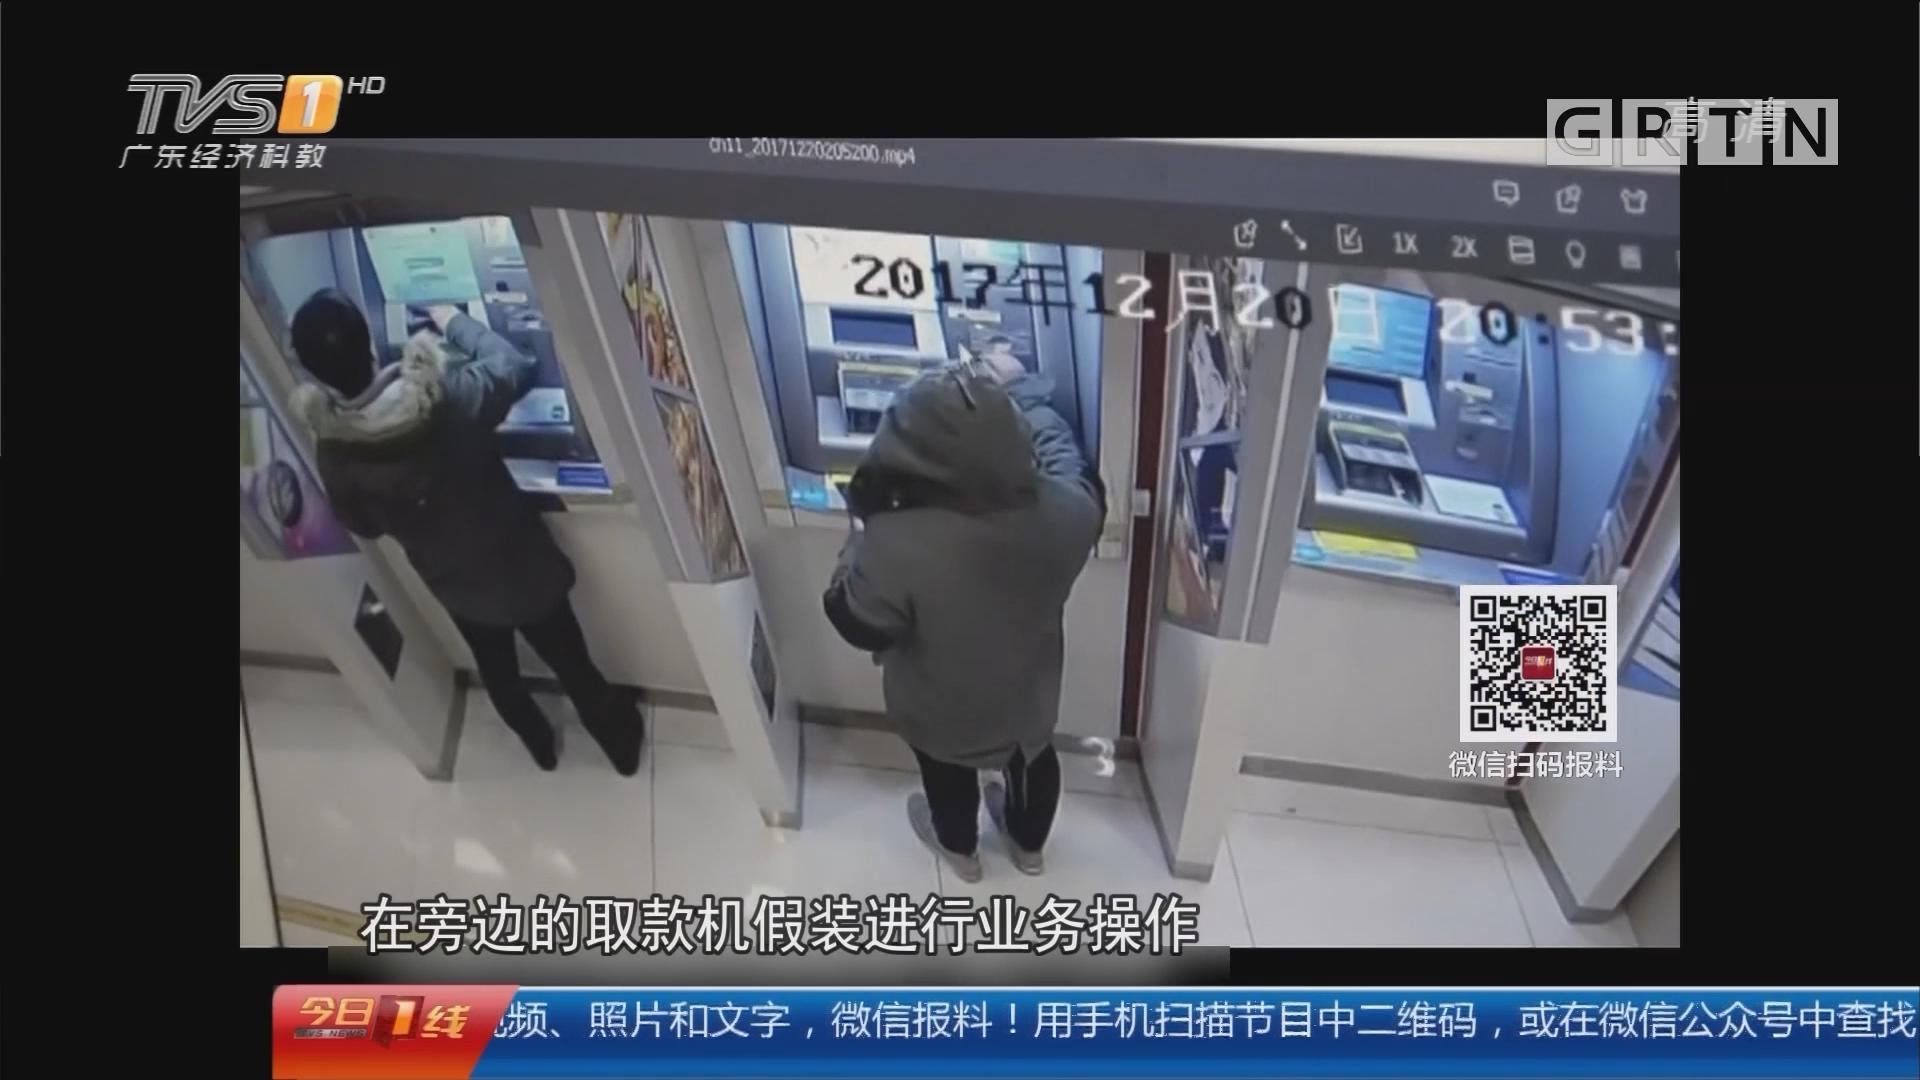 北京:ATM机前持刀抢劫 警方十小时破案